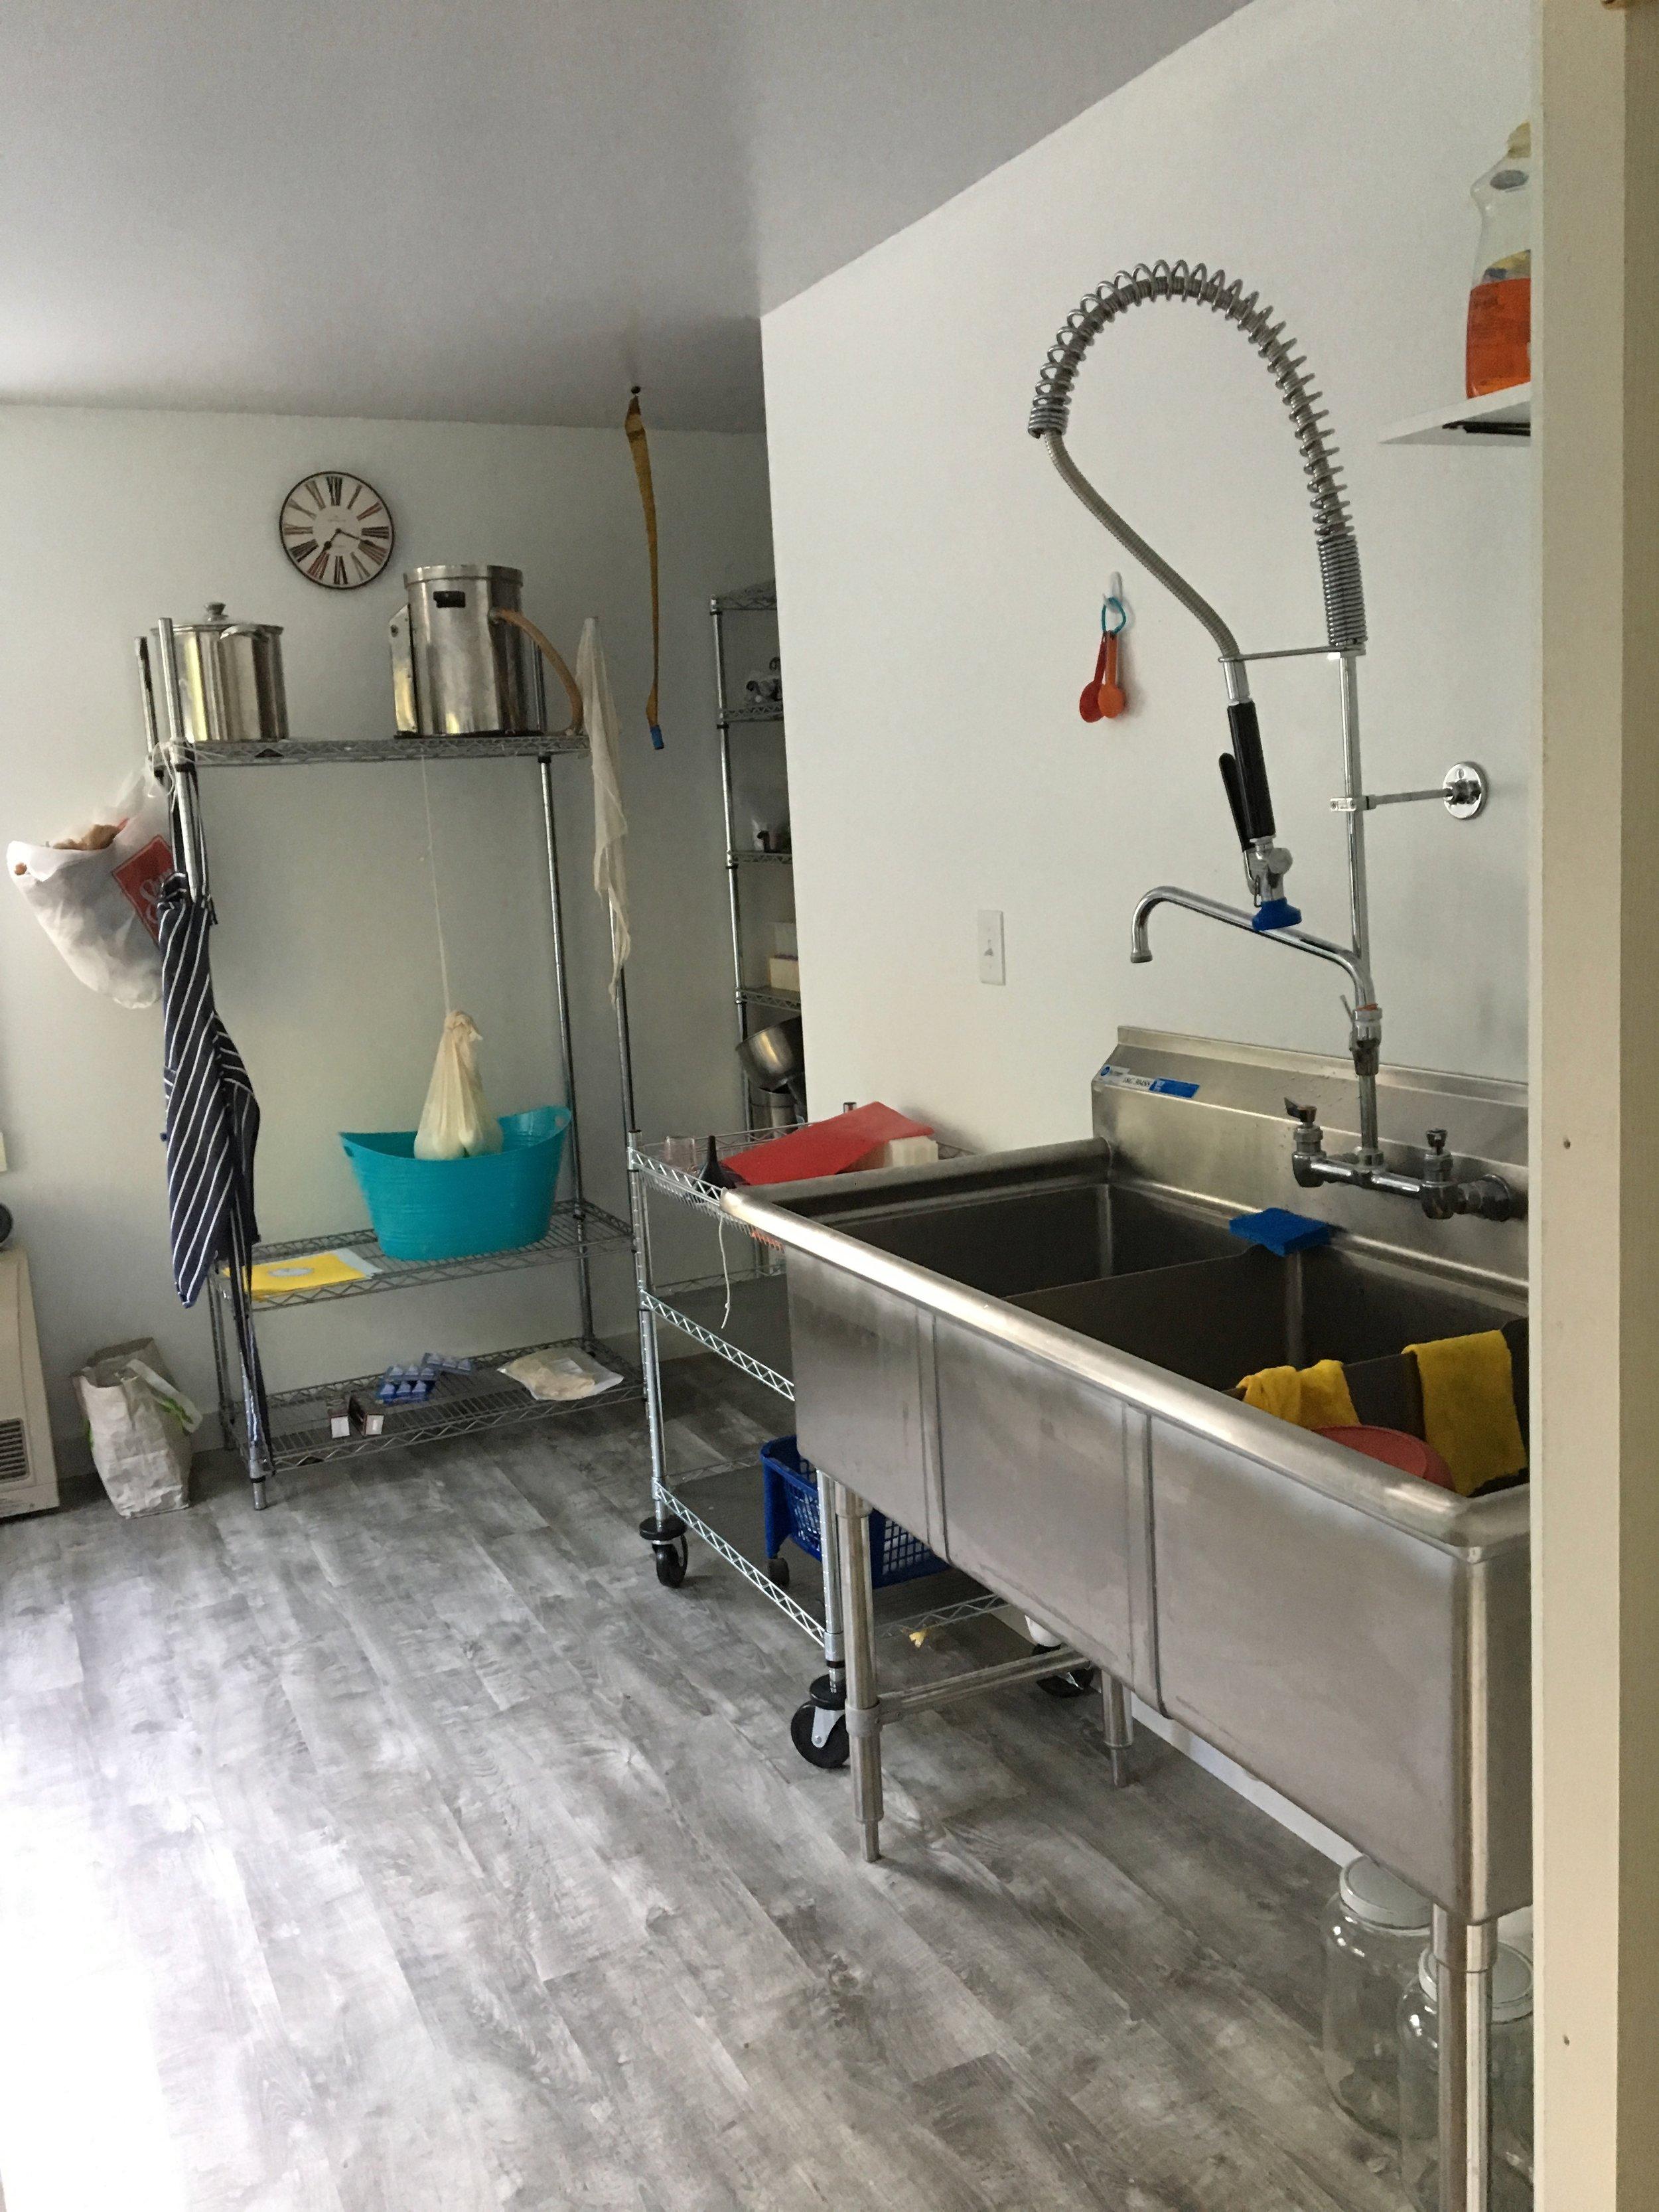 Bending Birch Farm industrial kitchen